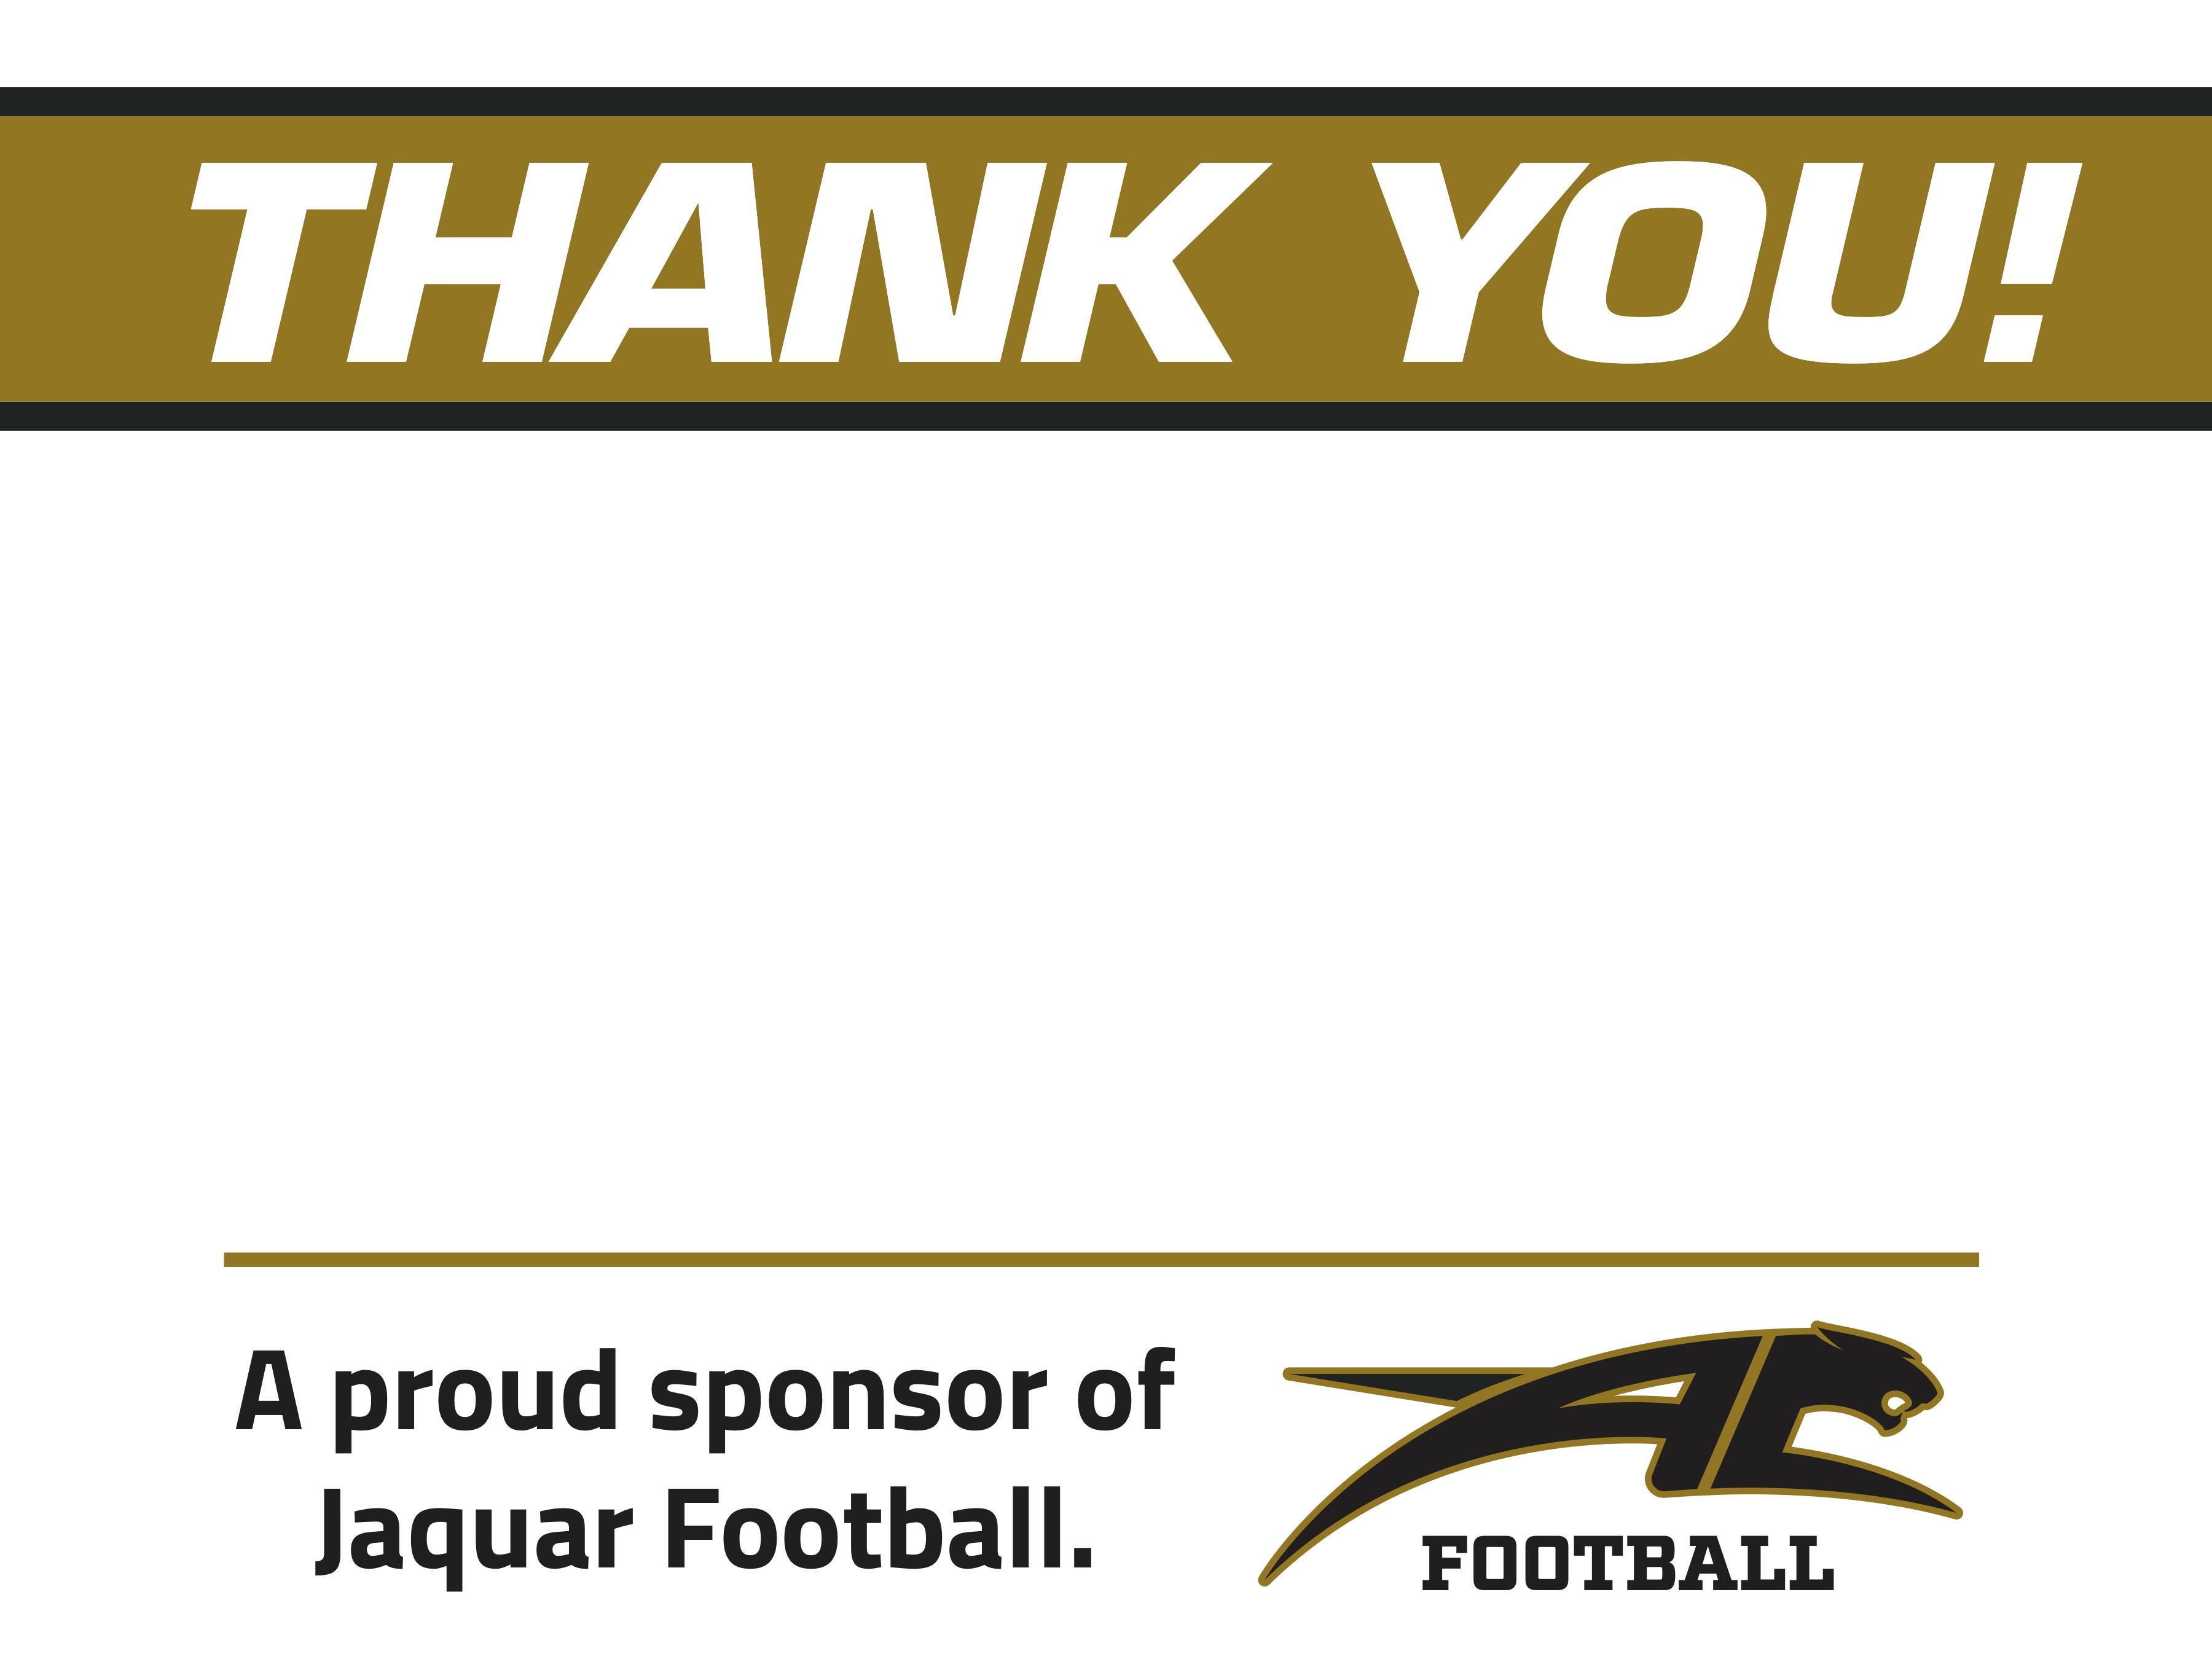 Jaguar Football Golf Tournament - Default Image of Black & Gold Sponsor